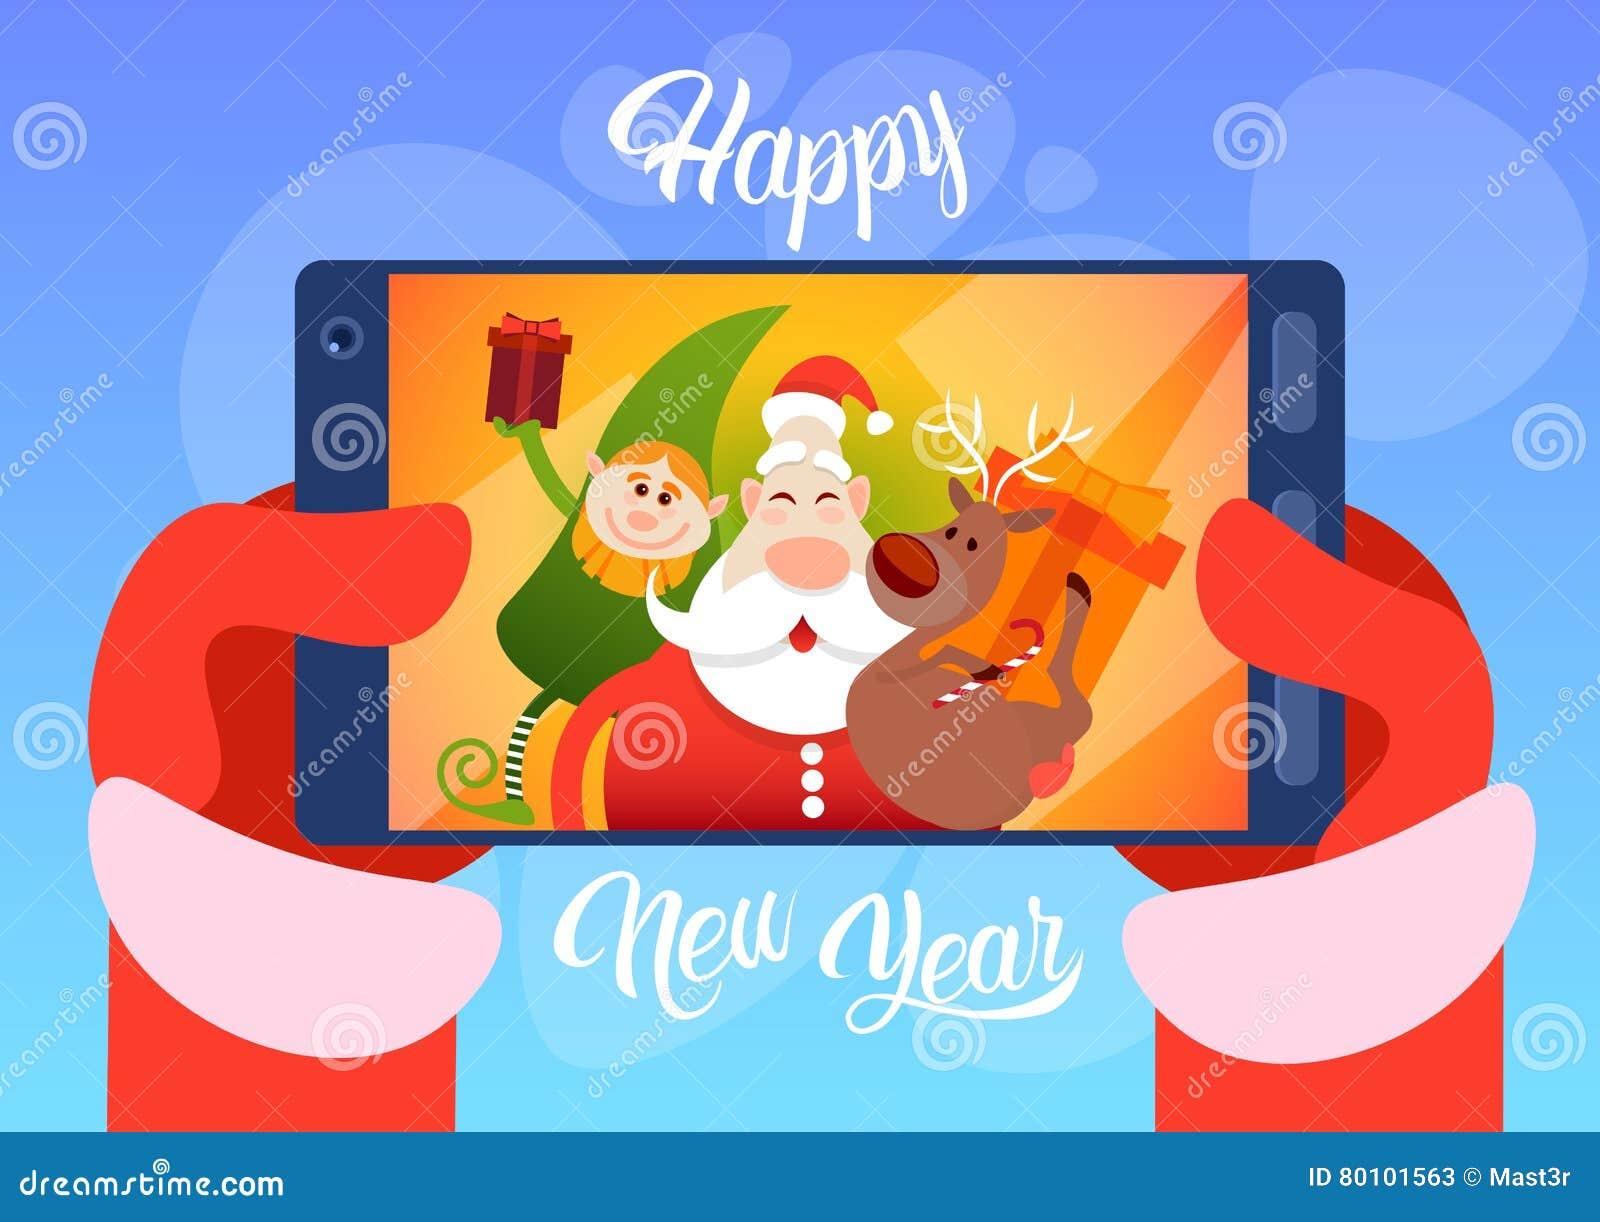 Foto de Santa Claus With Reindeer Elfs Making Selfie, cartão do feriado do Natal do ano novo